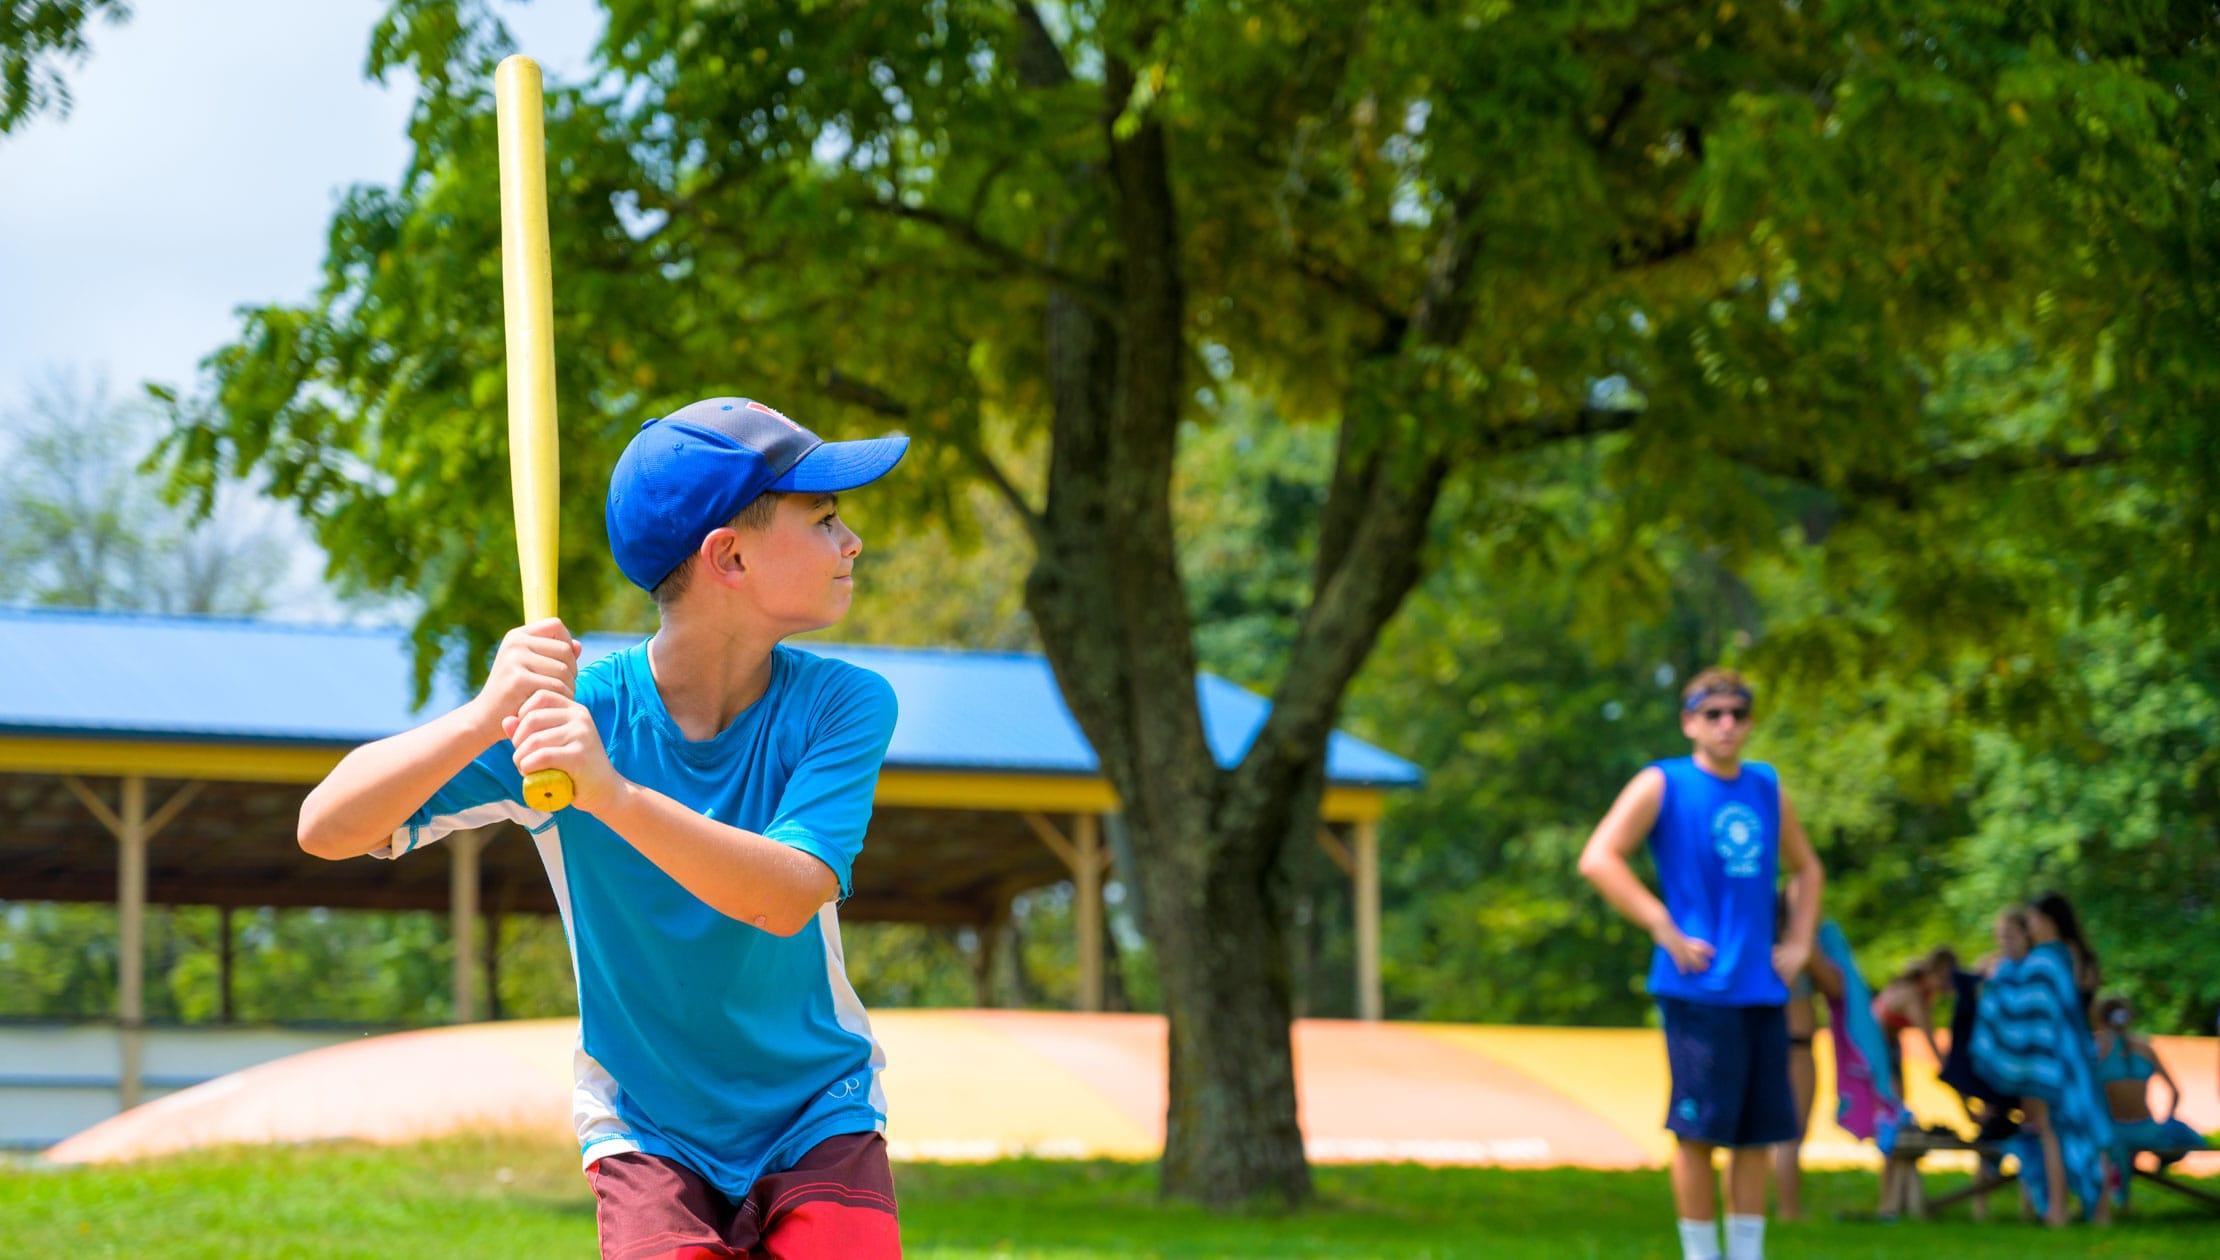 Camper swinging baseball bat